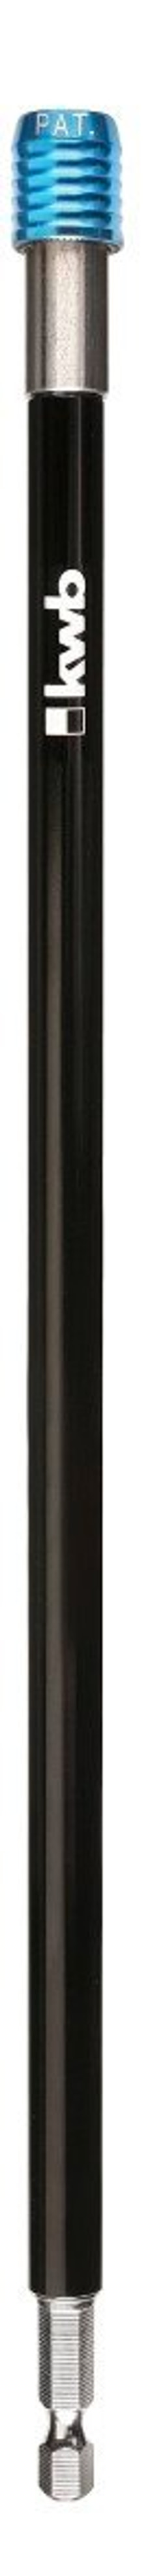 QUICK CHANGE Porte-embouts à changement rapide, extra long, 300 mm